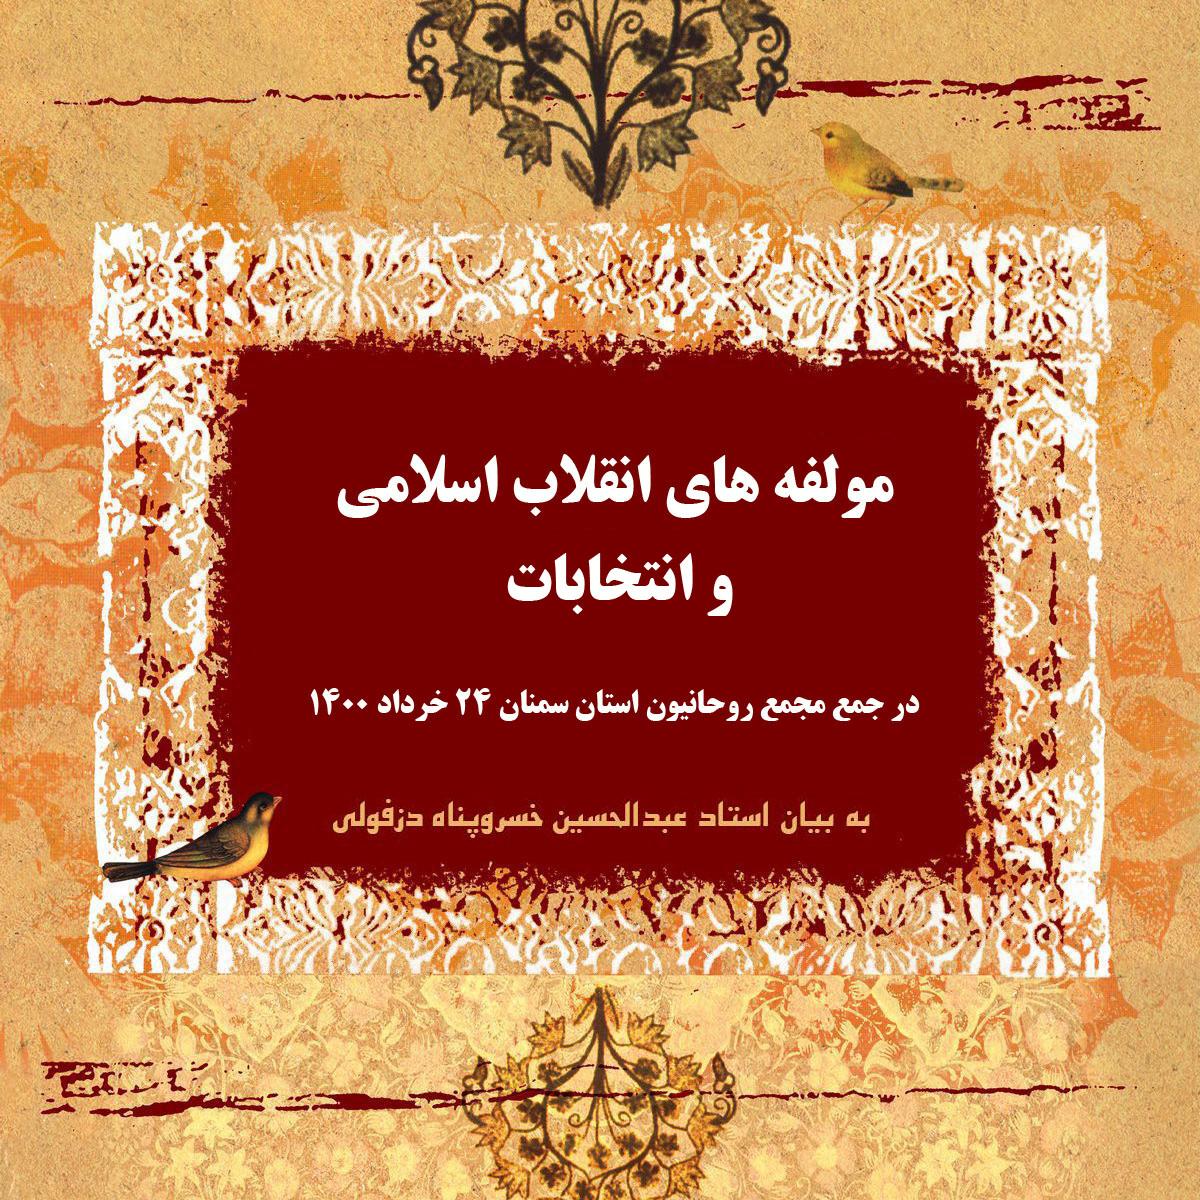 مولفه های انقلاب اسلامی